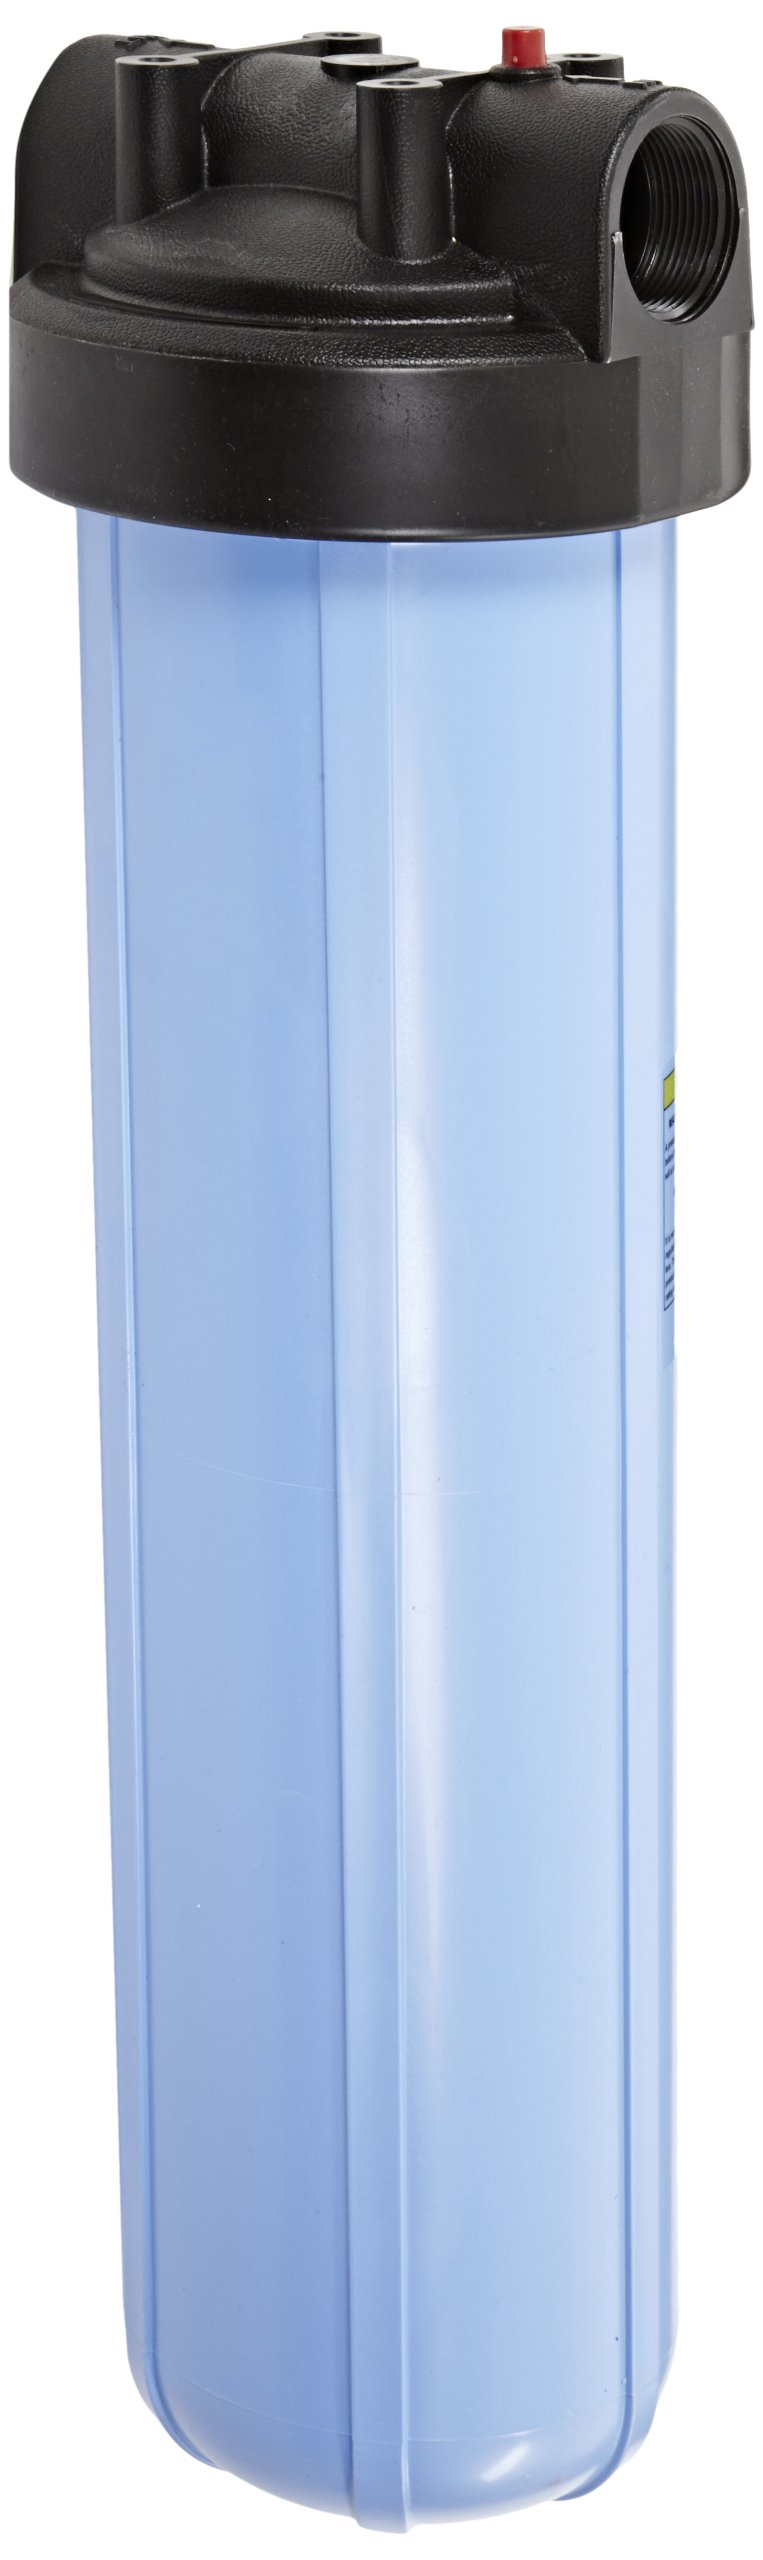 Pentek 150235 20-BB 1-1/2'' #20 Big Blue Filter Housing